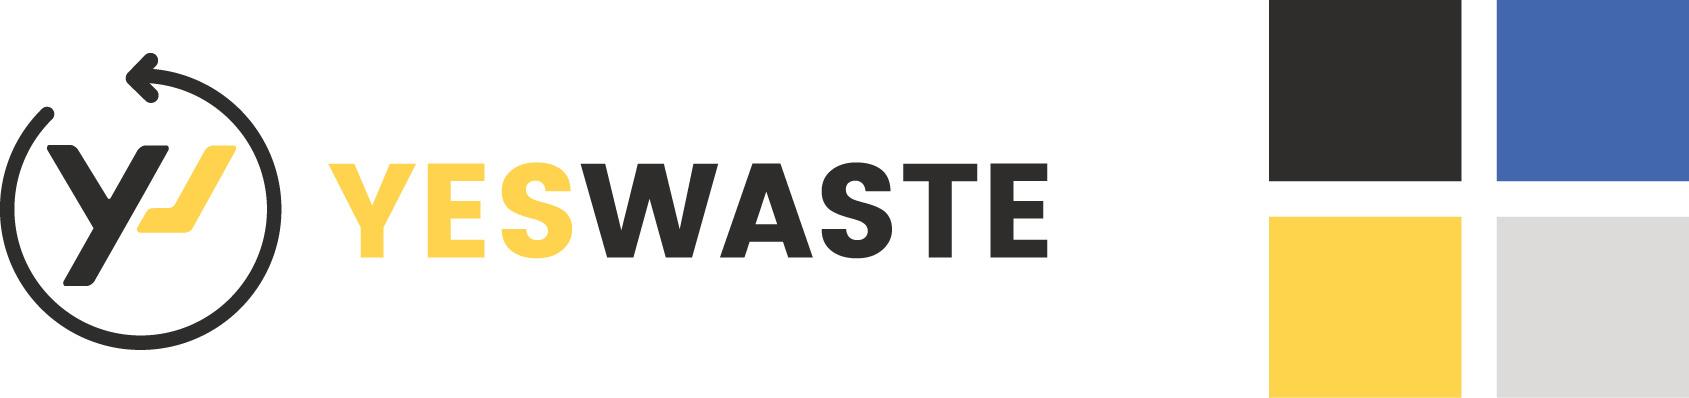 yes-waste-colour-scheme-branding-design